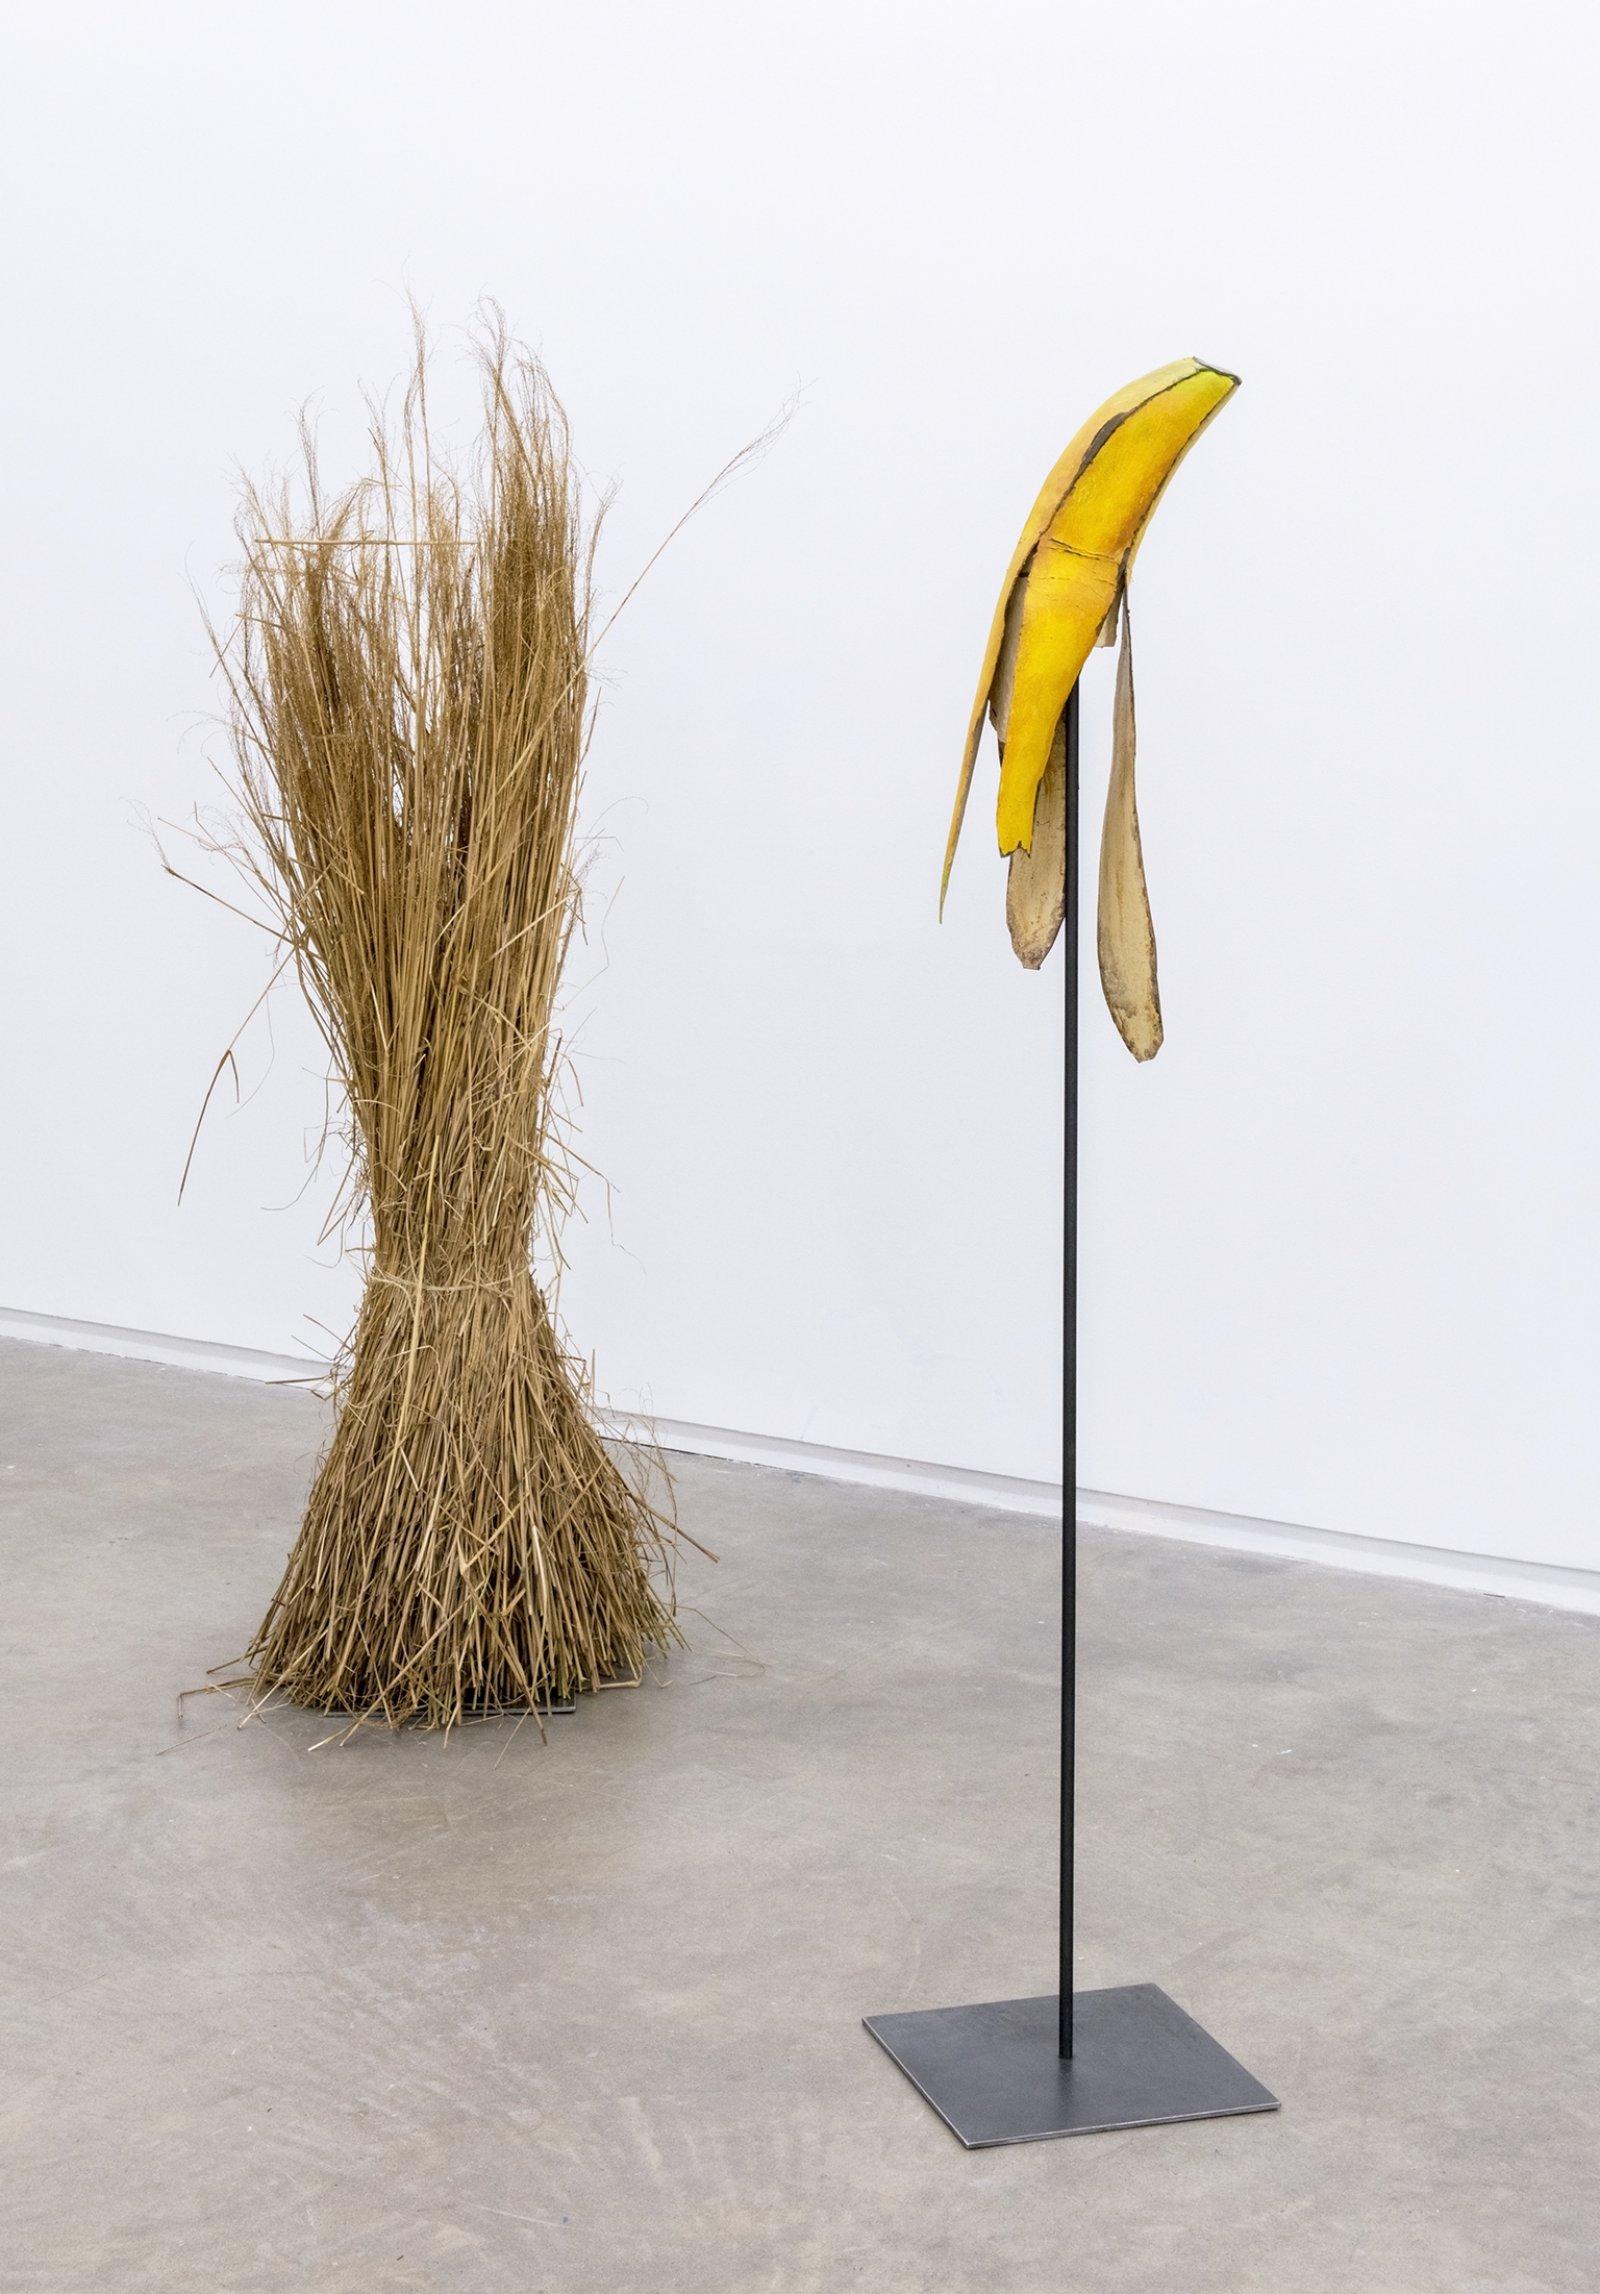 Geoffrey Farmer, Banana and Grass, 2014, paint, foam, grass, metal stand, 2 wooden wall façades, window, sandbags, banana: 67 x 12 x 12 in. (170 x 31 x 31 cm), grass: 76 x 21 x 21 in. (193 x 54 x 54 cm)